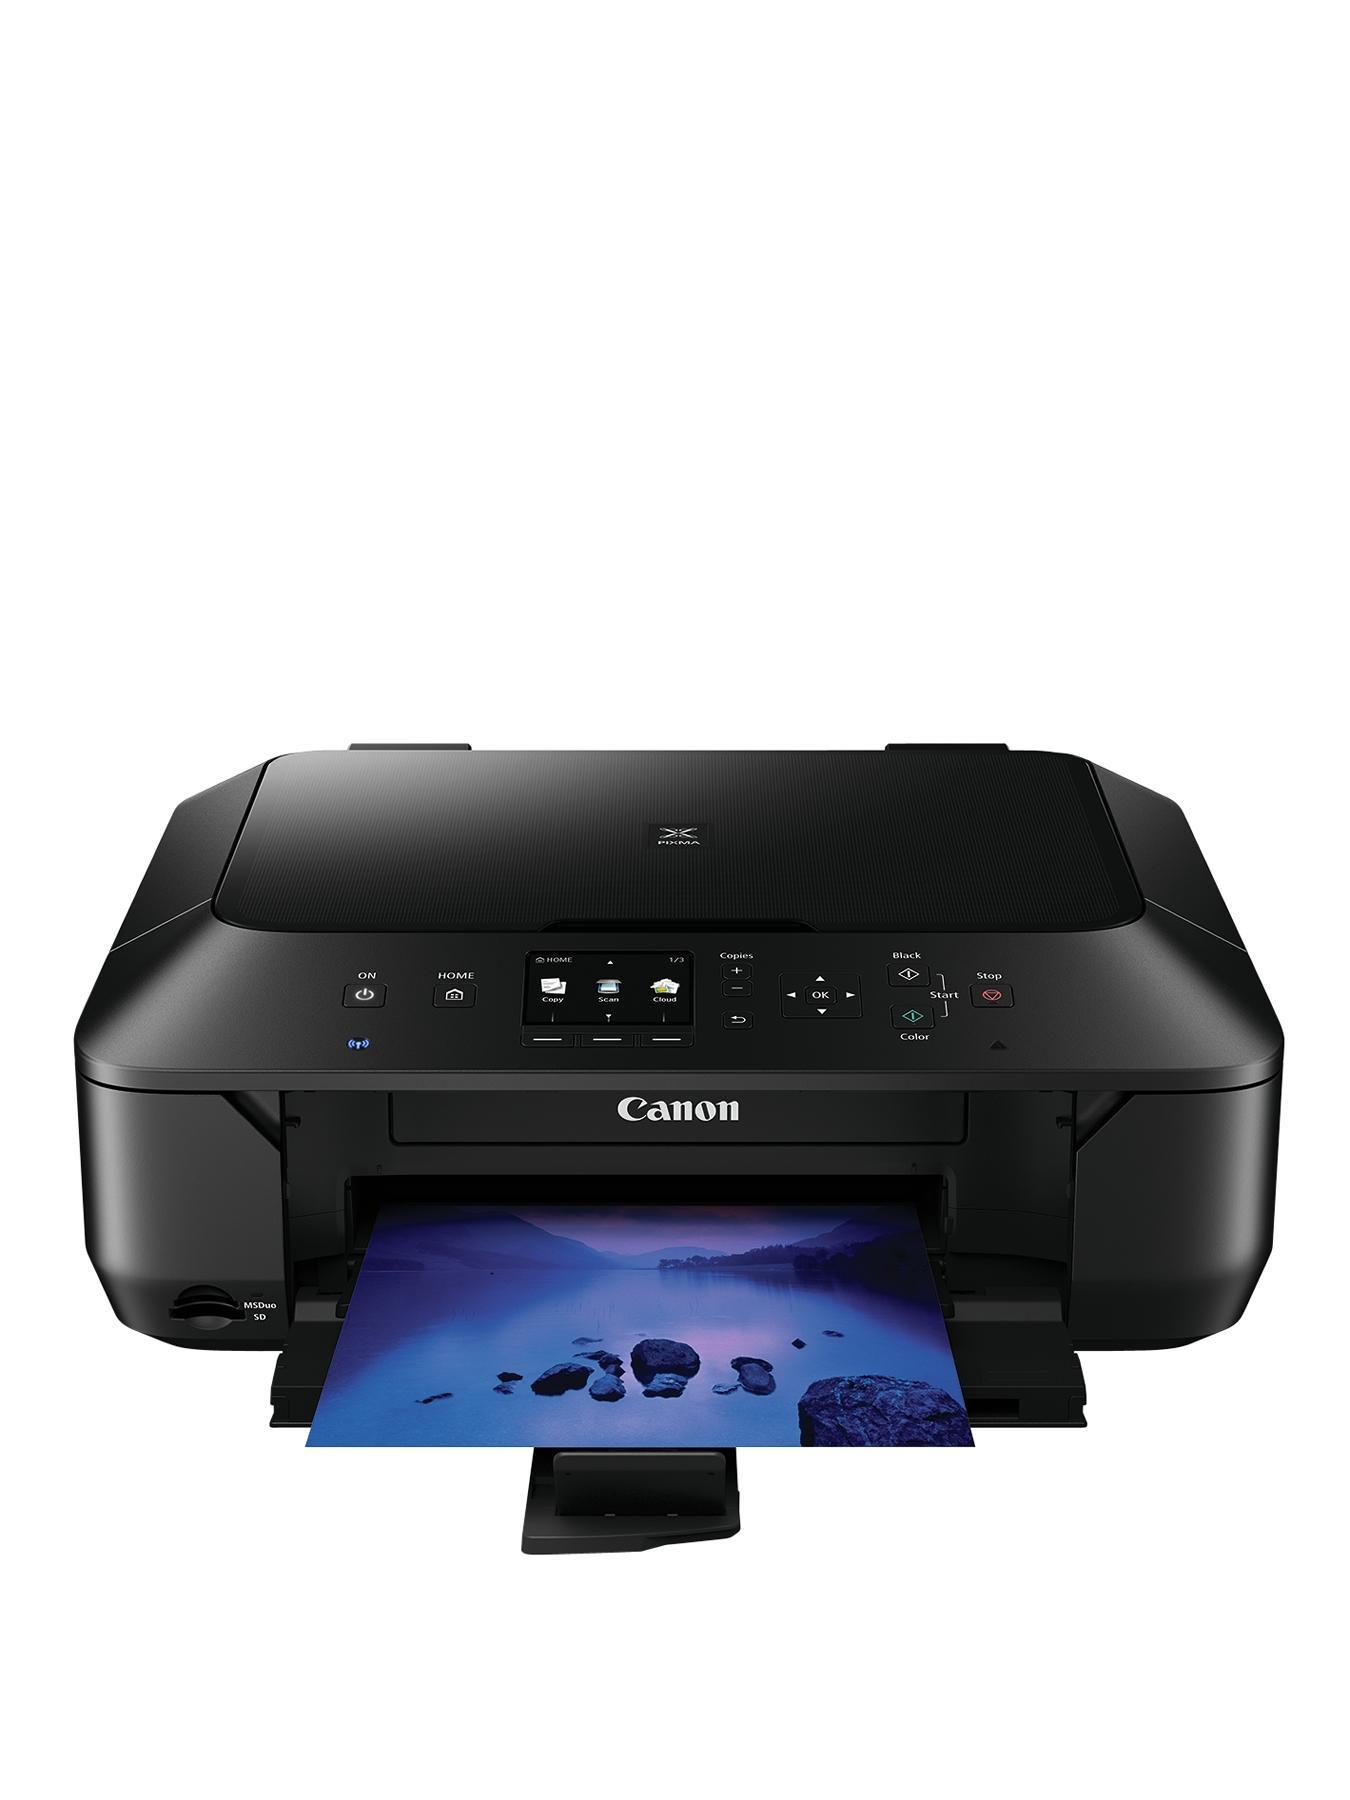 Canon PIXMA MG6450 All in one printer